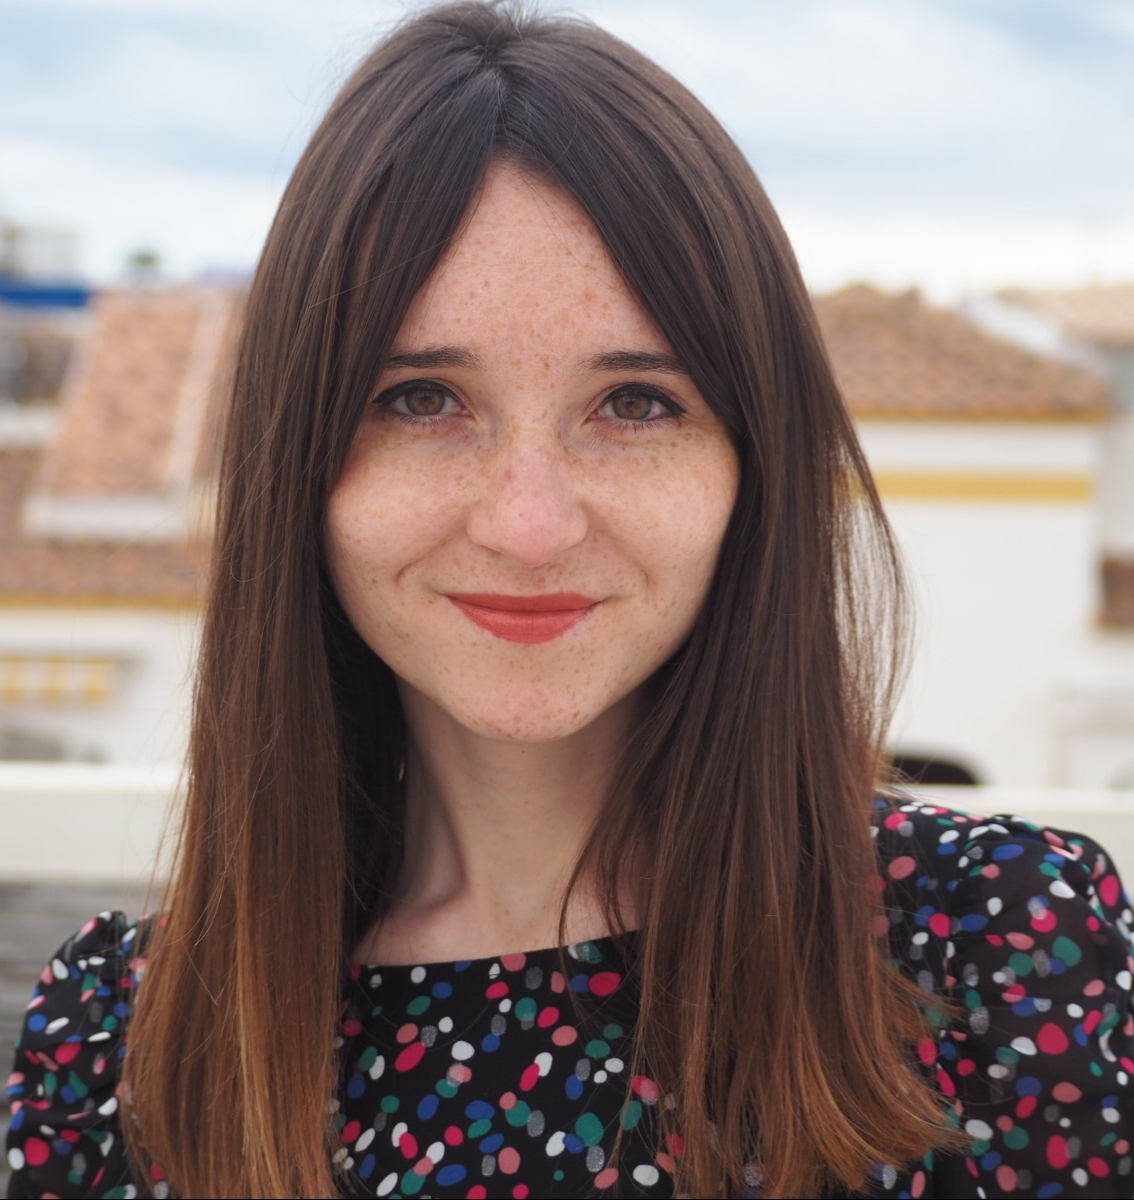 Ajla Henic